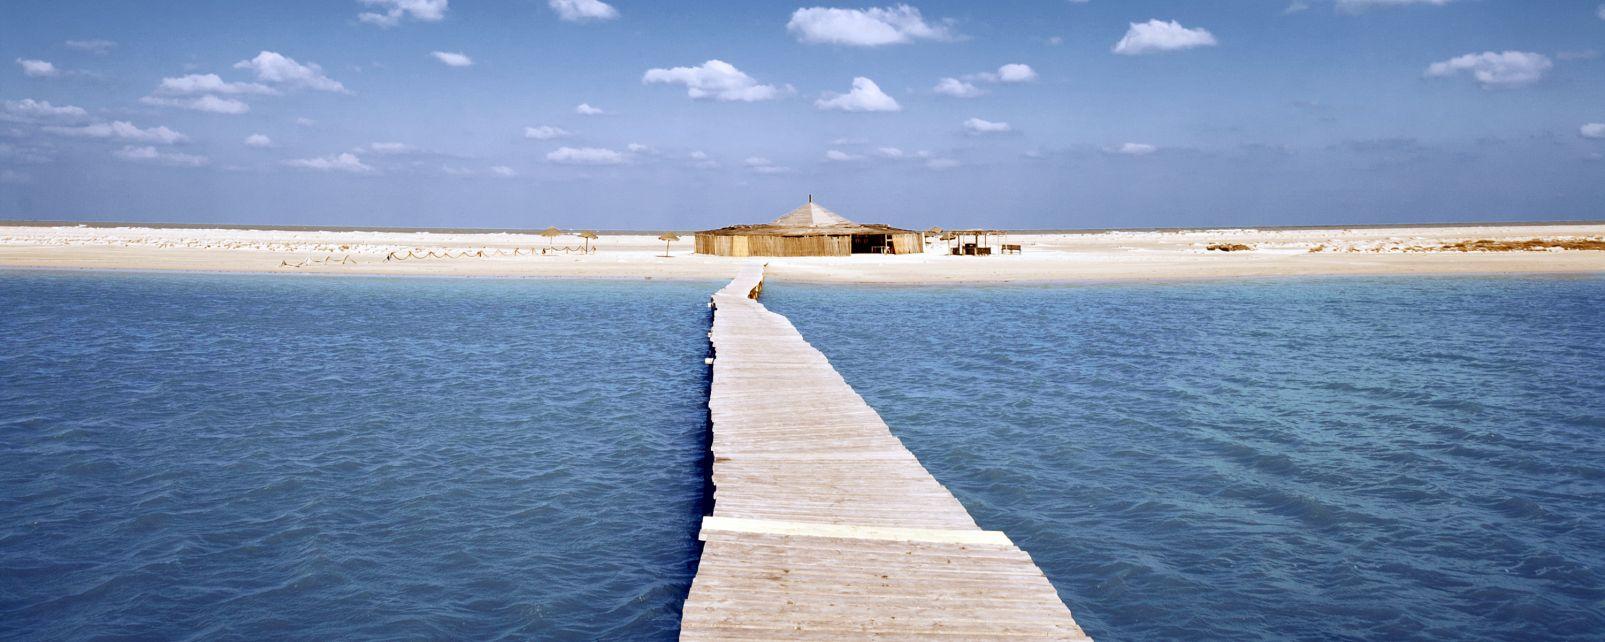 Djerba, Tunisia,